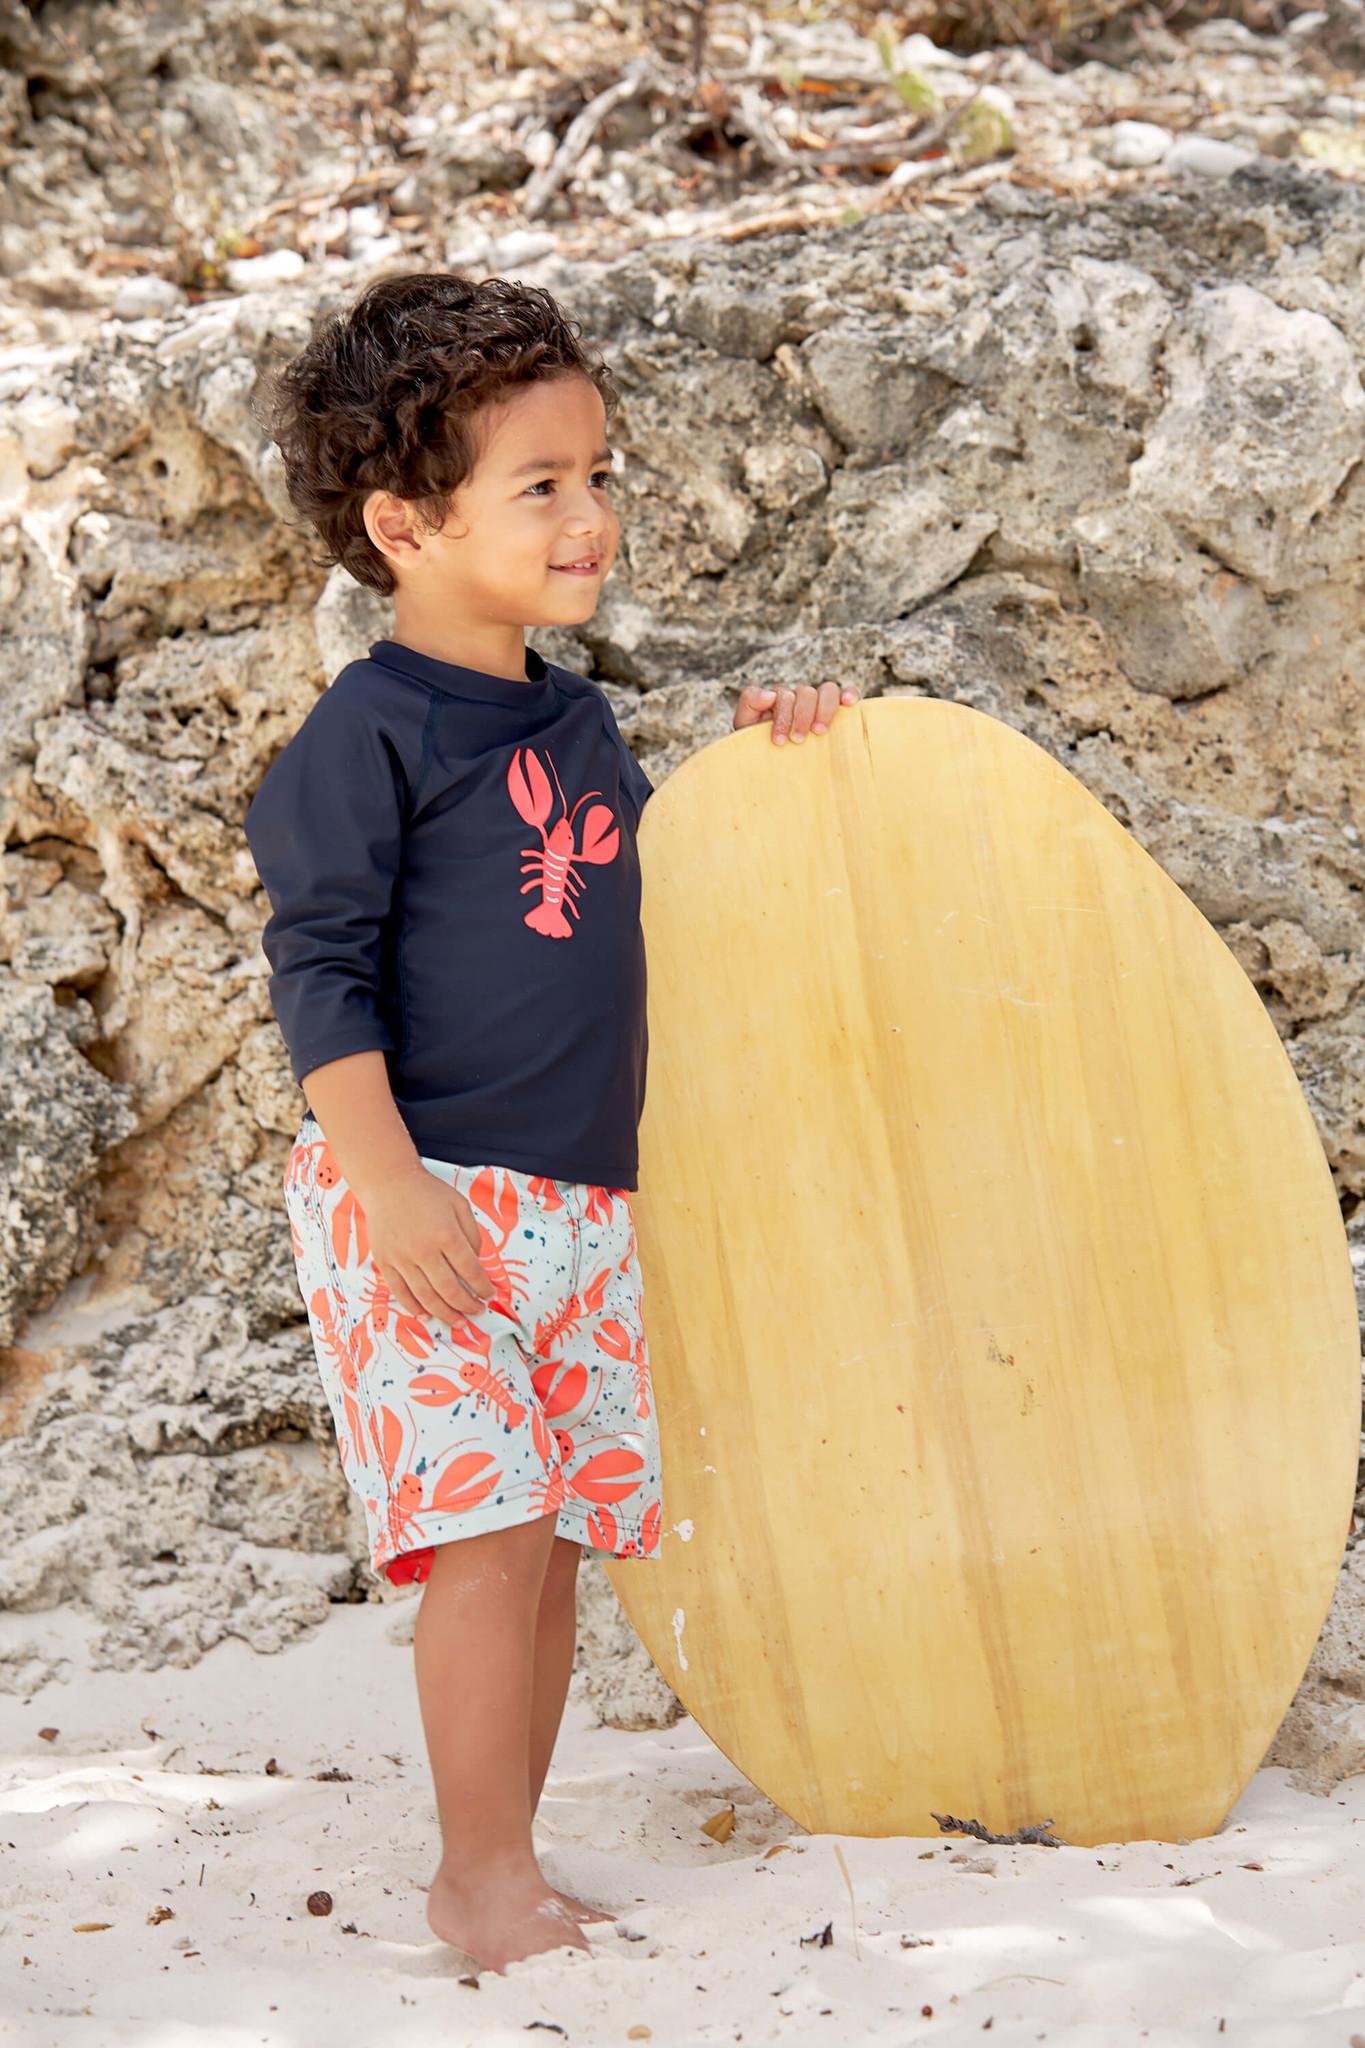 Lässig Lässig Splash & Fun Board Shorts / Zwemshorts -  Cactus Family 12 mnd